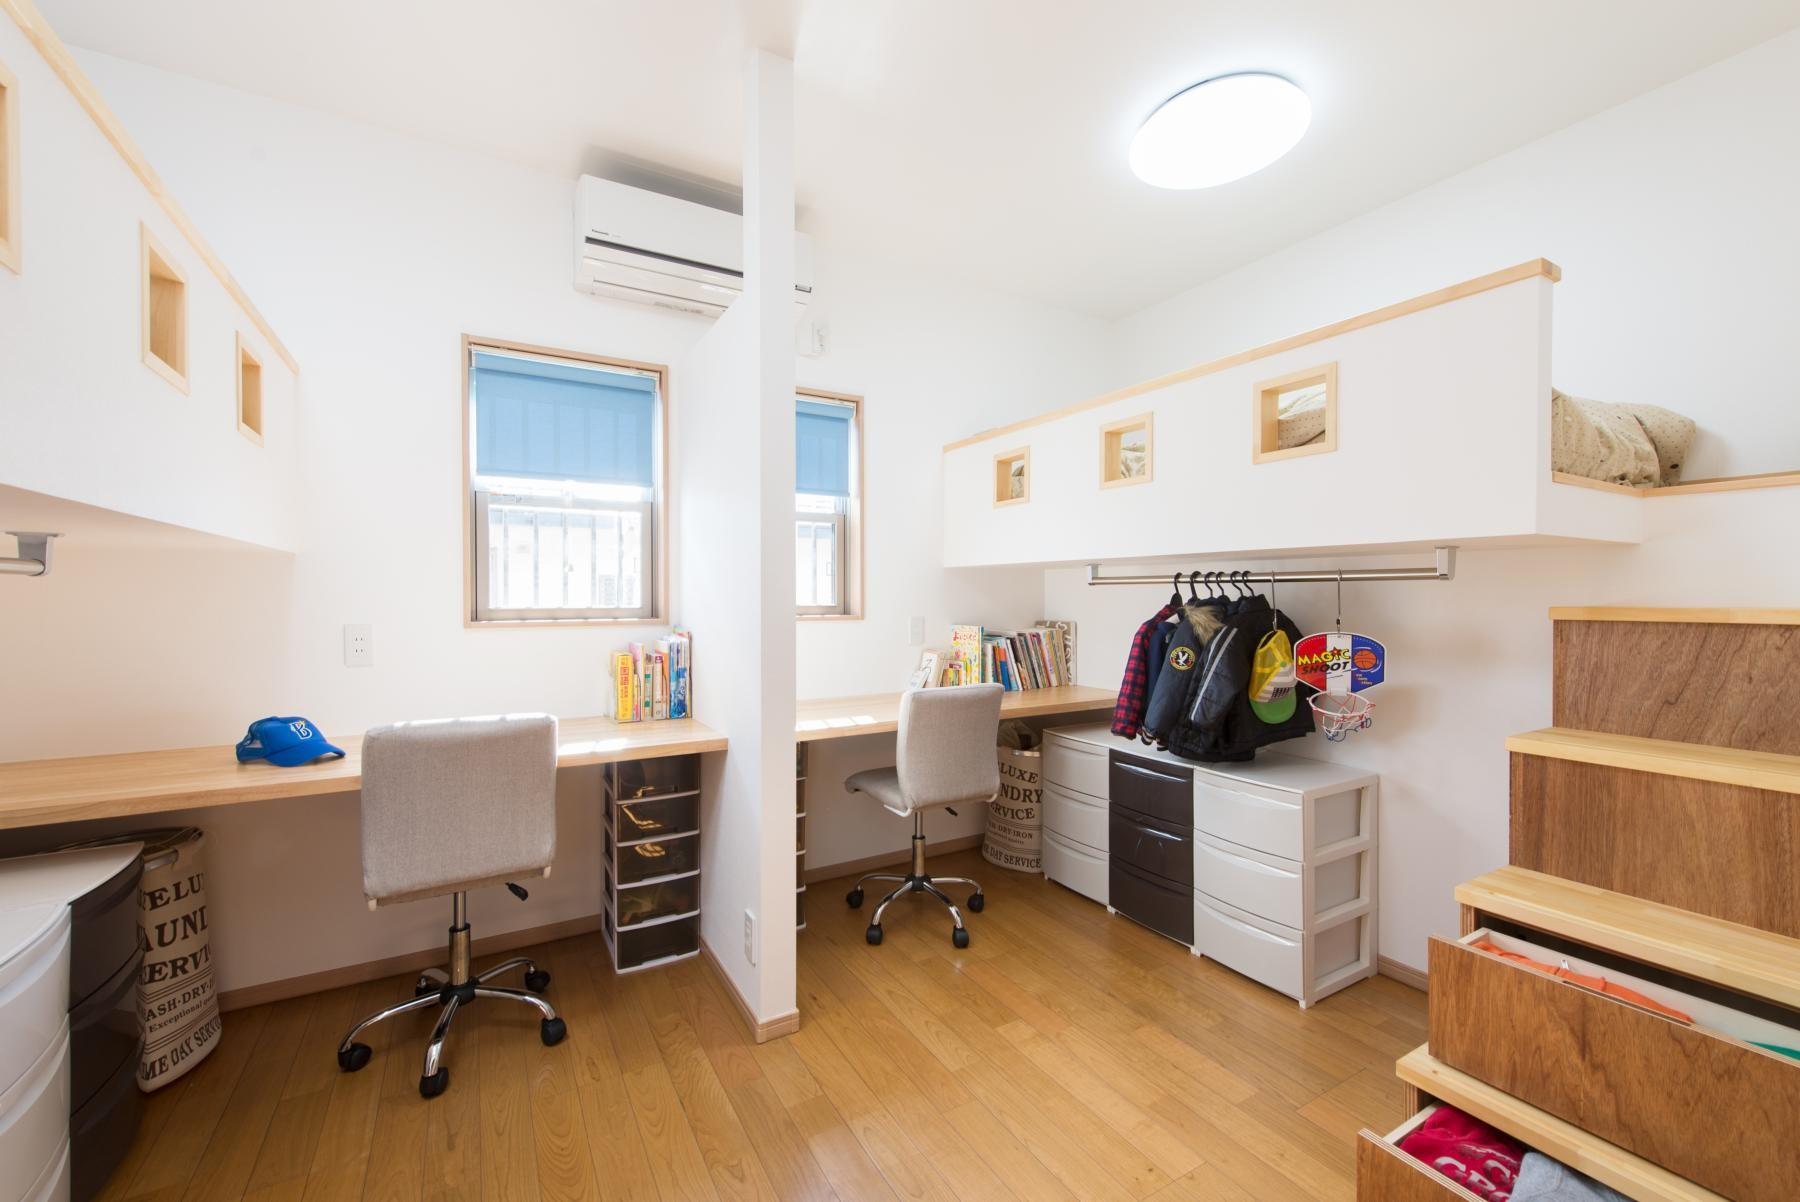 子供部屋事例:子ども部屋(落ち着いた和モダンに二世帯が心地よく暮らす、戸建て全面改装)